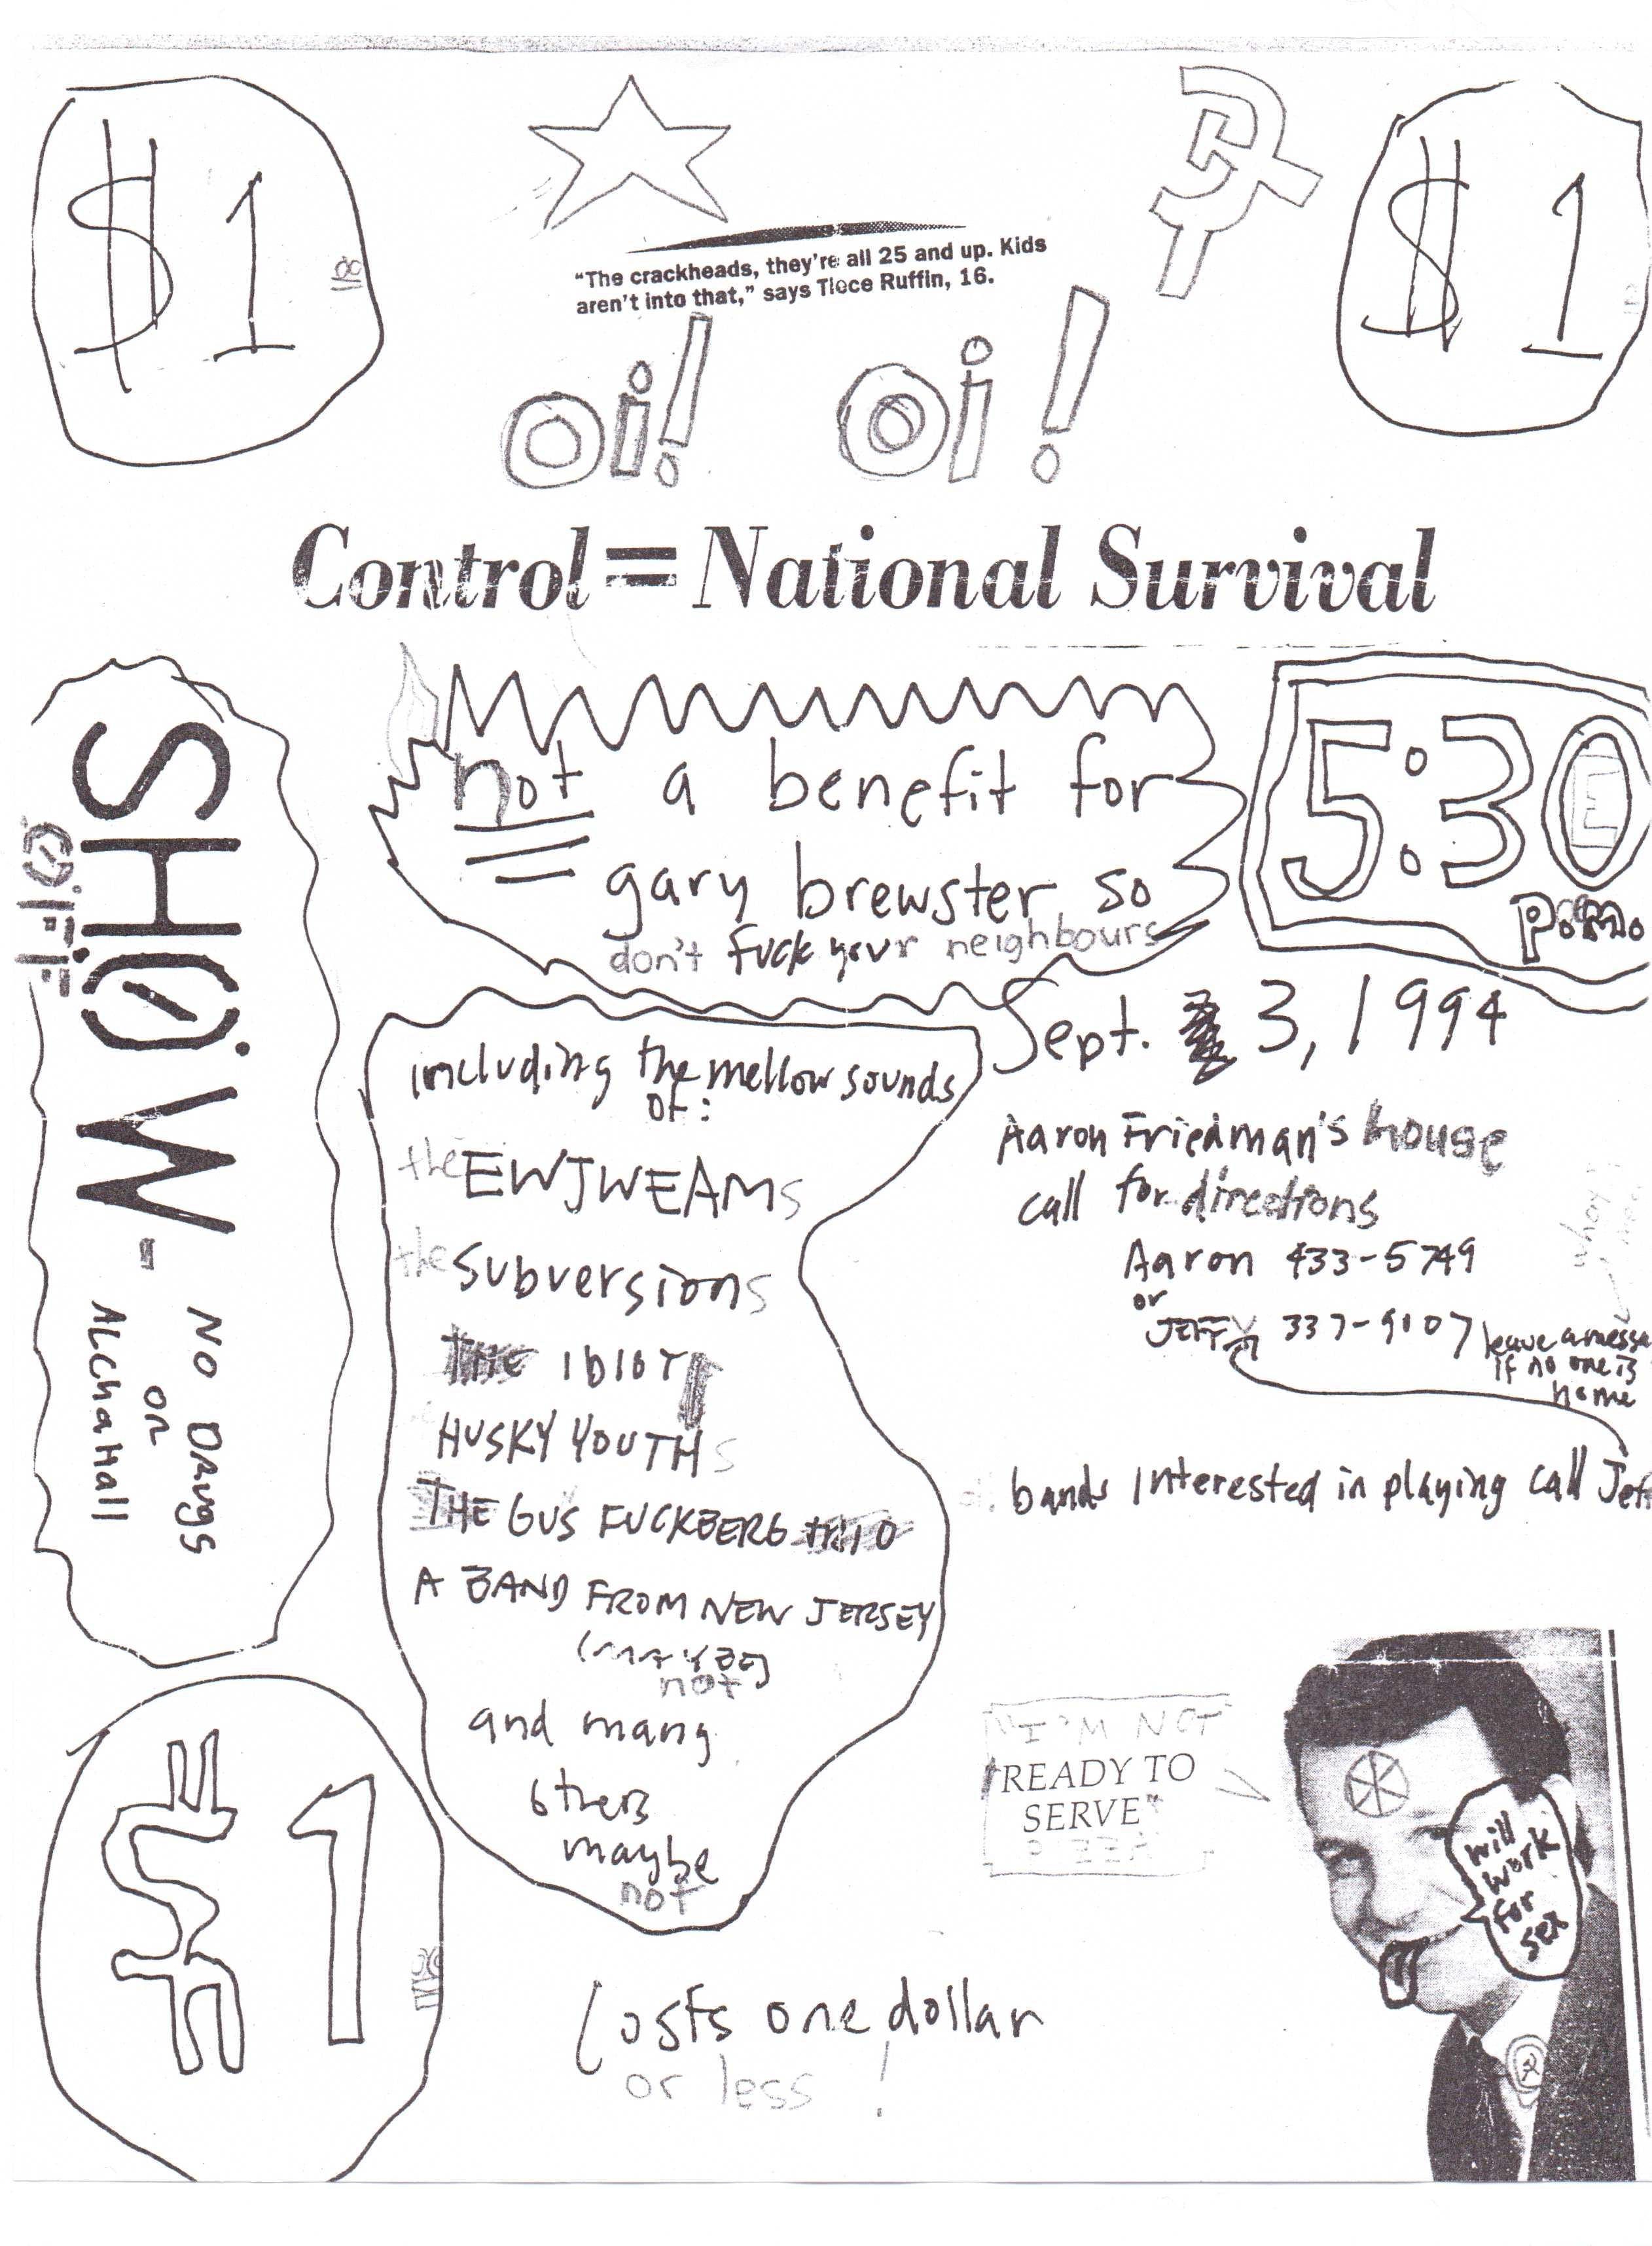 TEAM aka e.w.j.e.a.m. show flyer Sept 3rd 1994